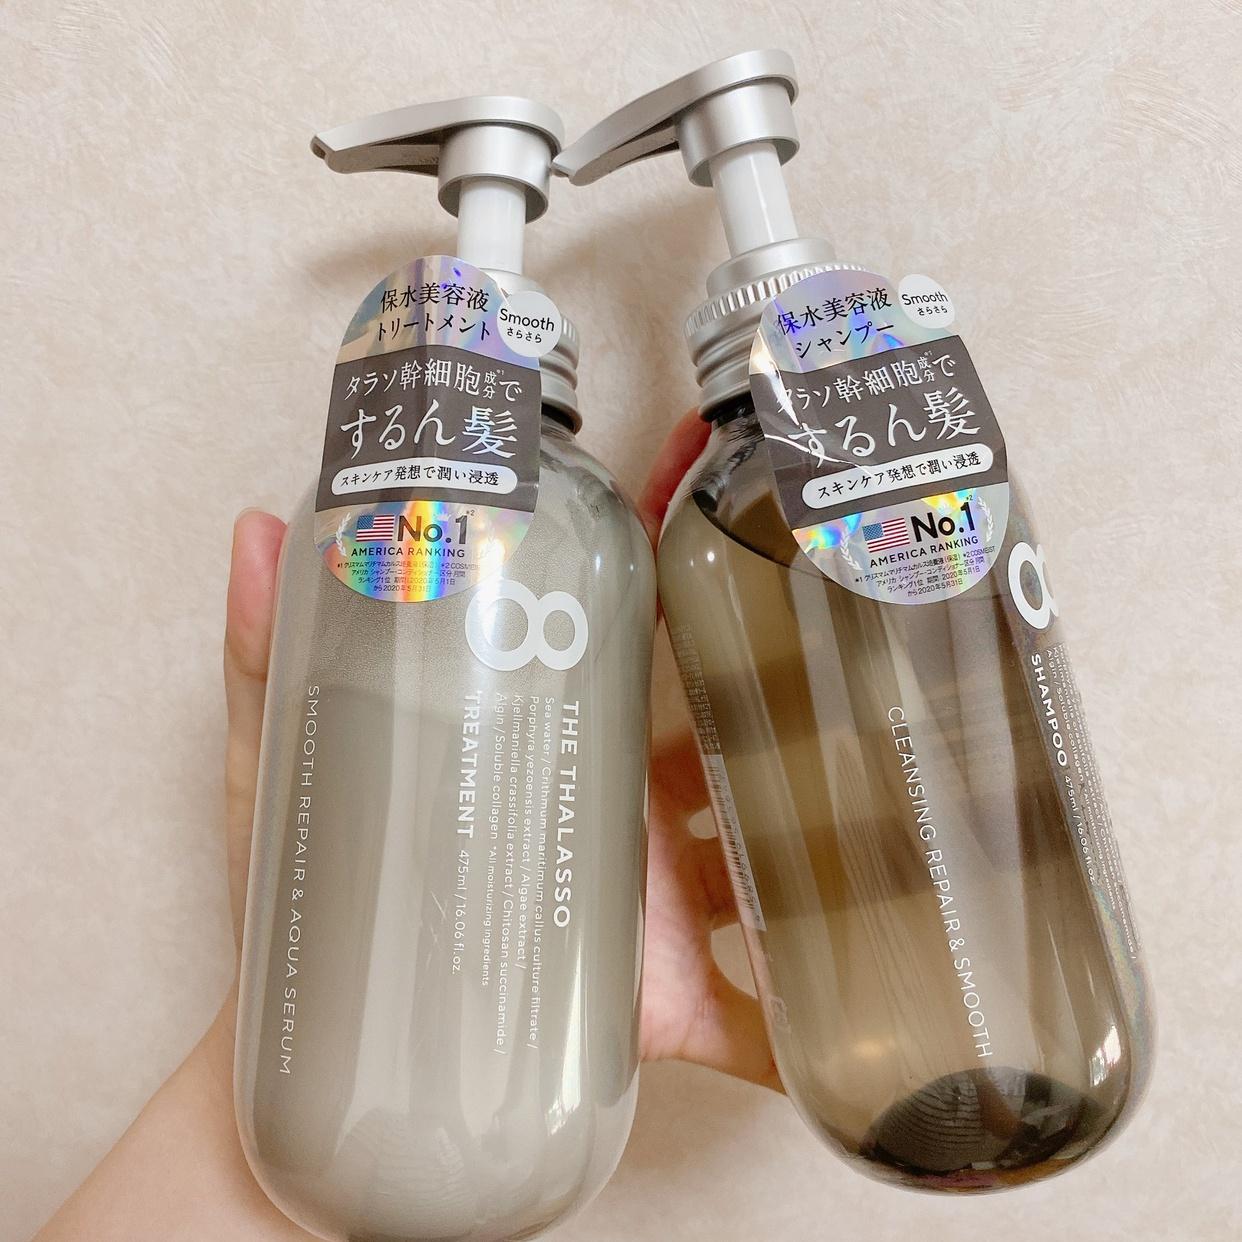 8 THE THALASSO(エイトザタラソ) クレンジングリペア&スムース 美容液シャンプーを使ったちーこすさんのクチコミ画像